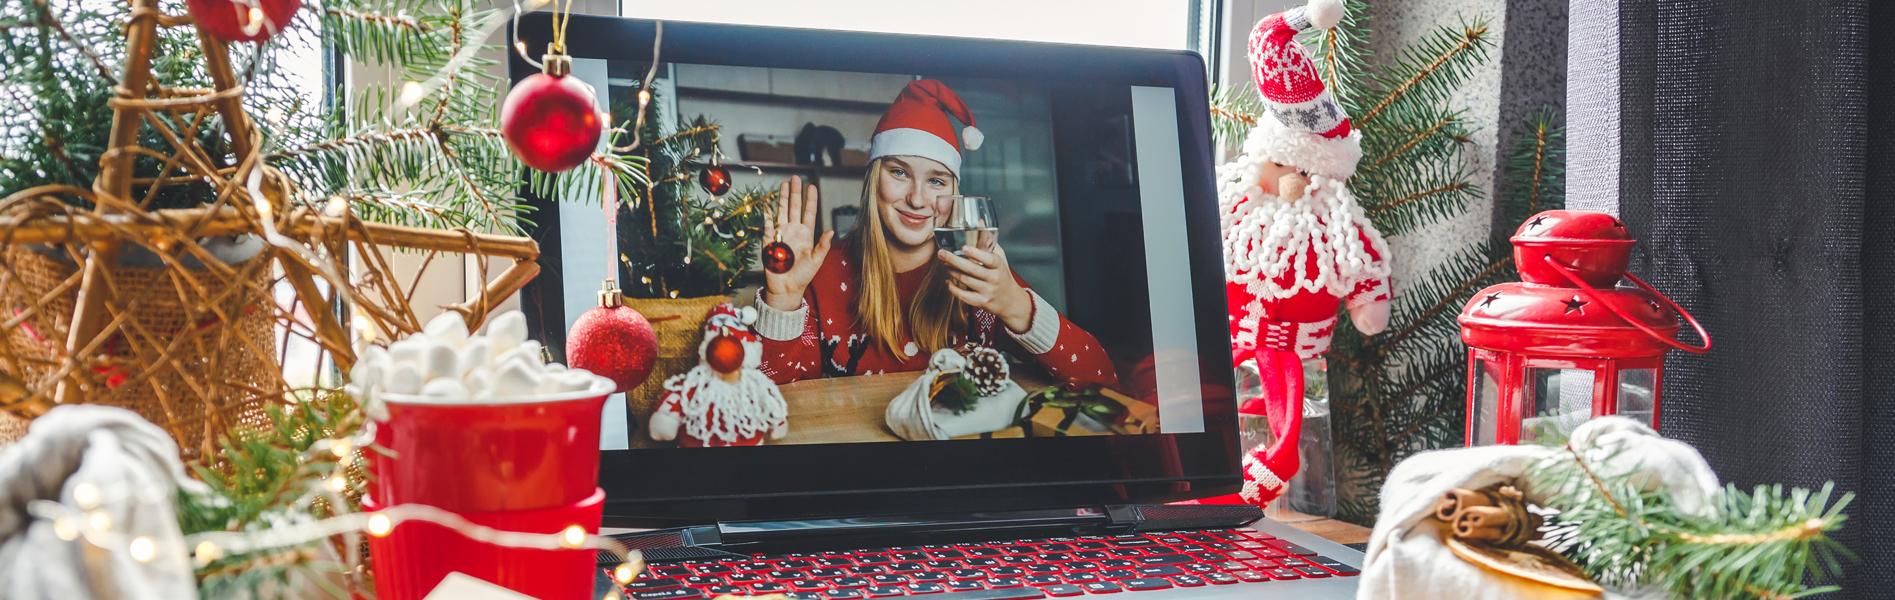 Virtuelle Weihnachtsfeier-Catering Dinner Box-Weihnachtsfeier Catering München-Weihnachtsgeschenk München